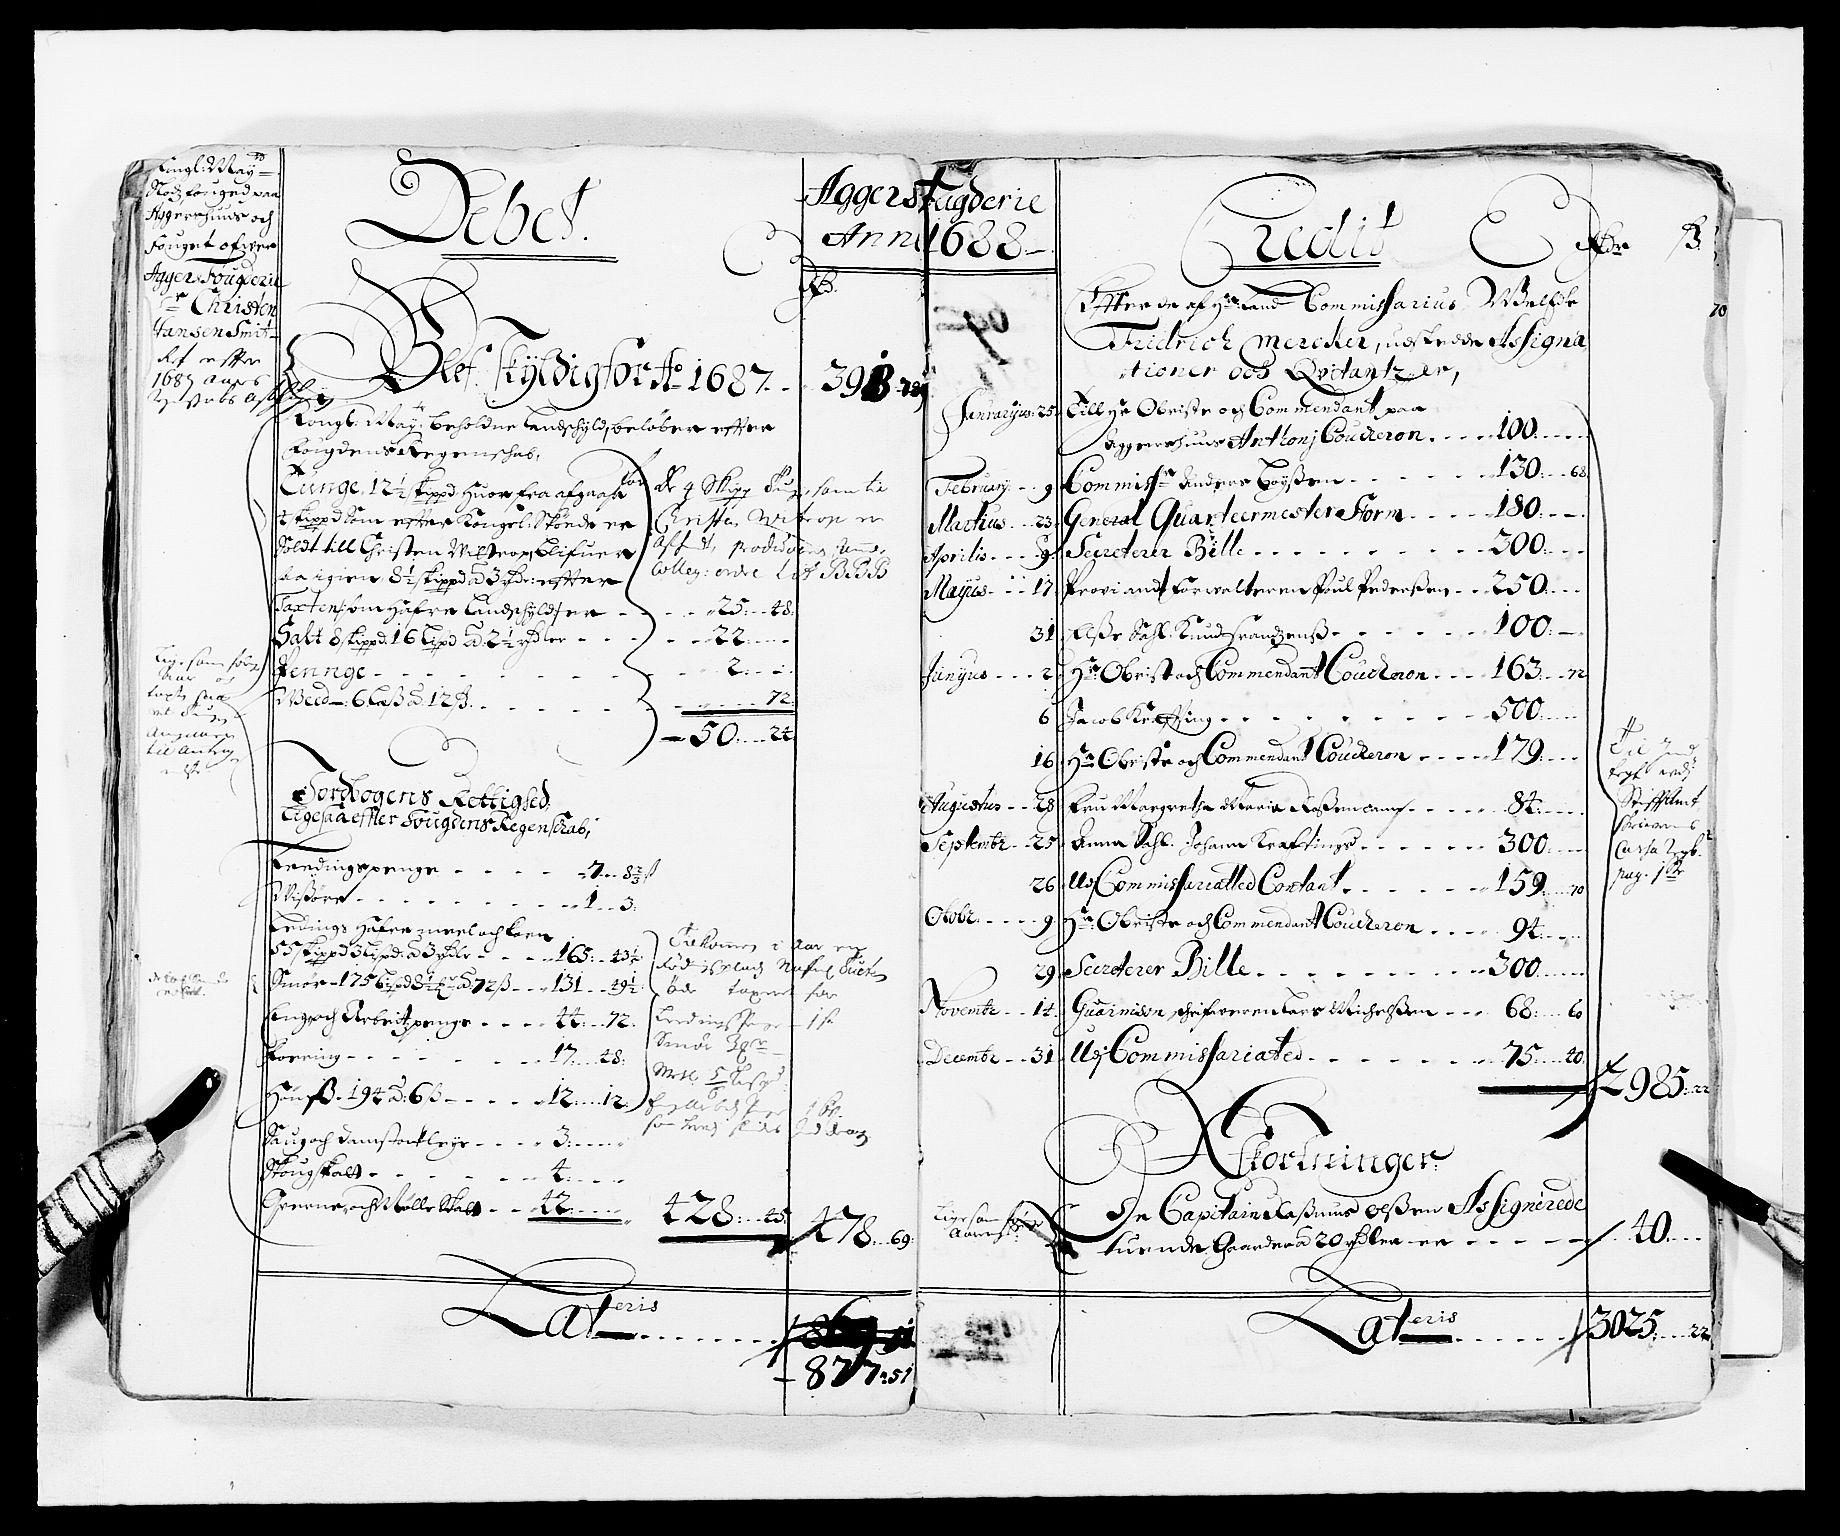 RA, Rentekammeret inntil 1814, Reviderte regnskaper, Fogderegnskap, R08/L0420: Fogderegnskap Aker, 1682-1691, s. 74